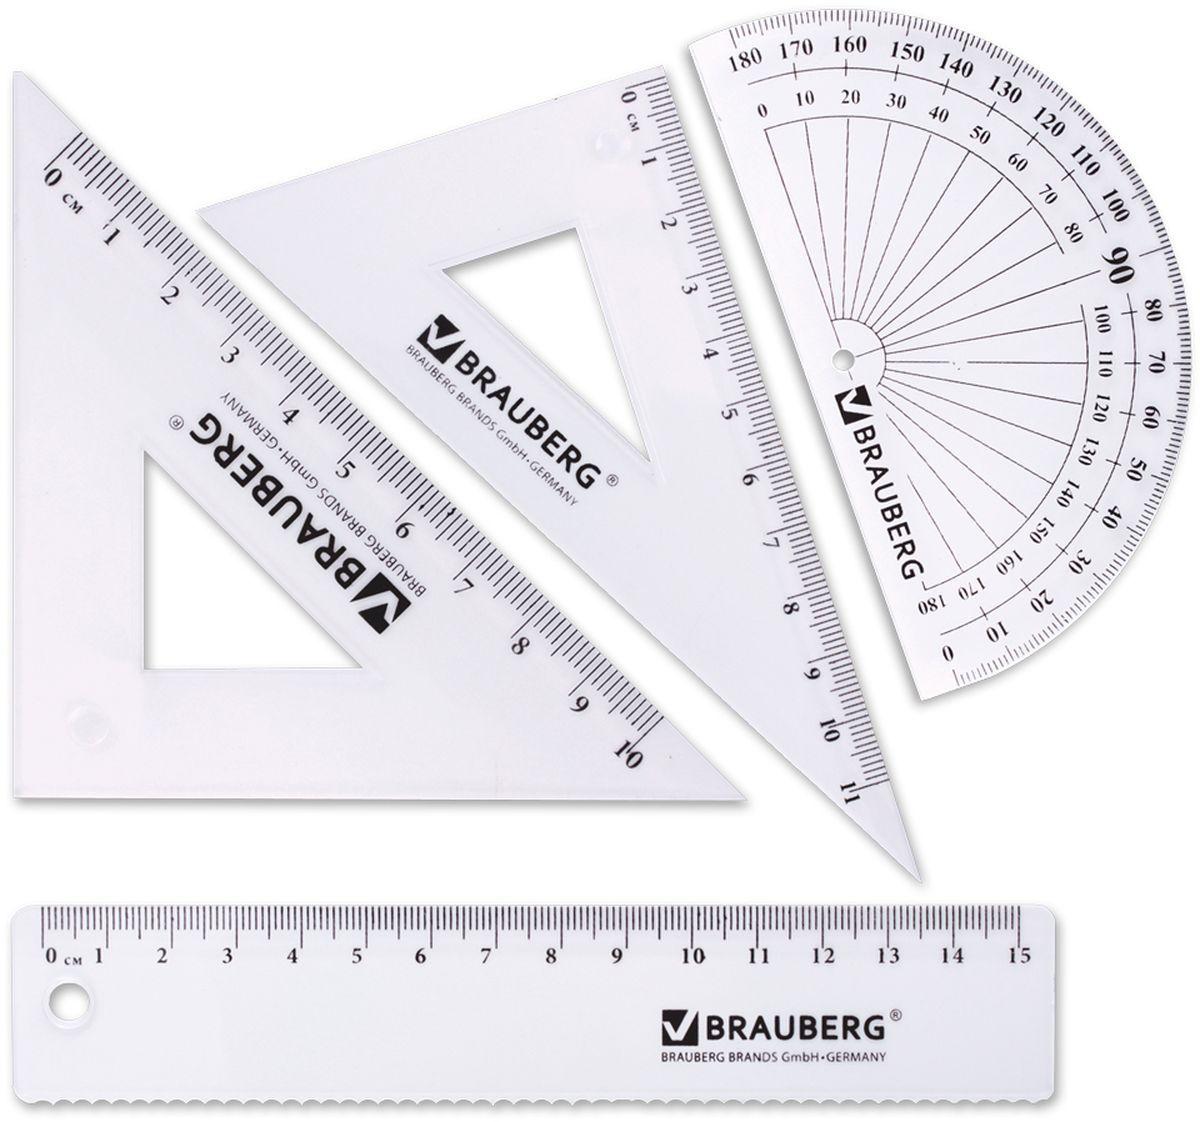 Brauberg Набор чертежный 4 предмета 210306FS-36052Набор геометрический из прозрачного, прочного пластика толщиной 1,4 - 2 мм. Предназначен для чертёжных работ.Набор включает в себя четыре предмета: линейка со шкалой 15 см, треугольник с углами 30°/60° и шкалой 11 см, треугольник с углами 45°/45° и шкалой 10 см, транспортир 180°.